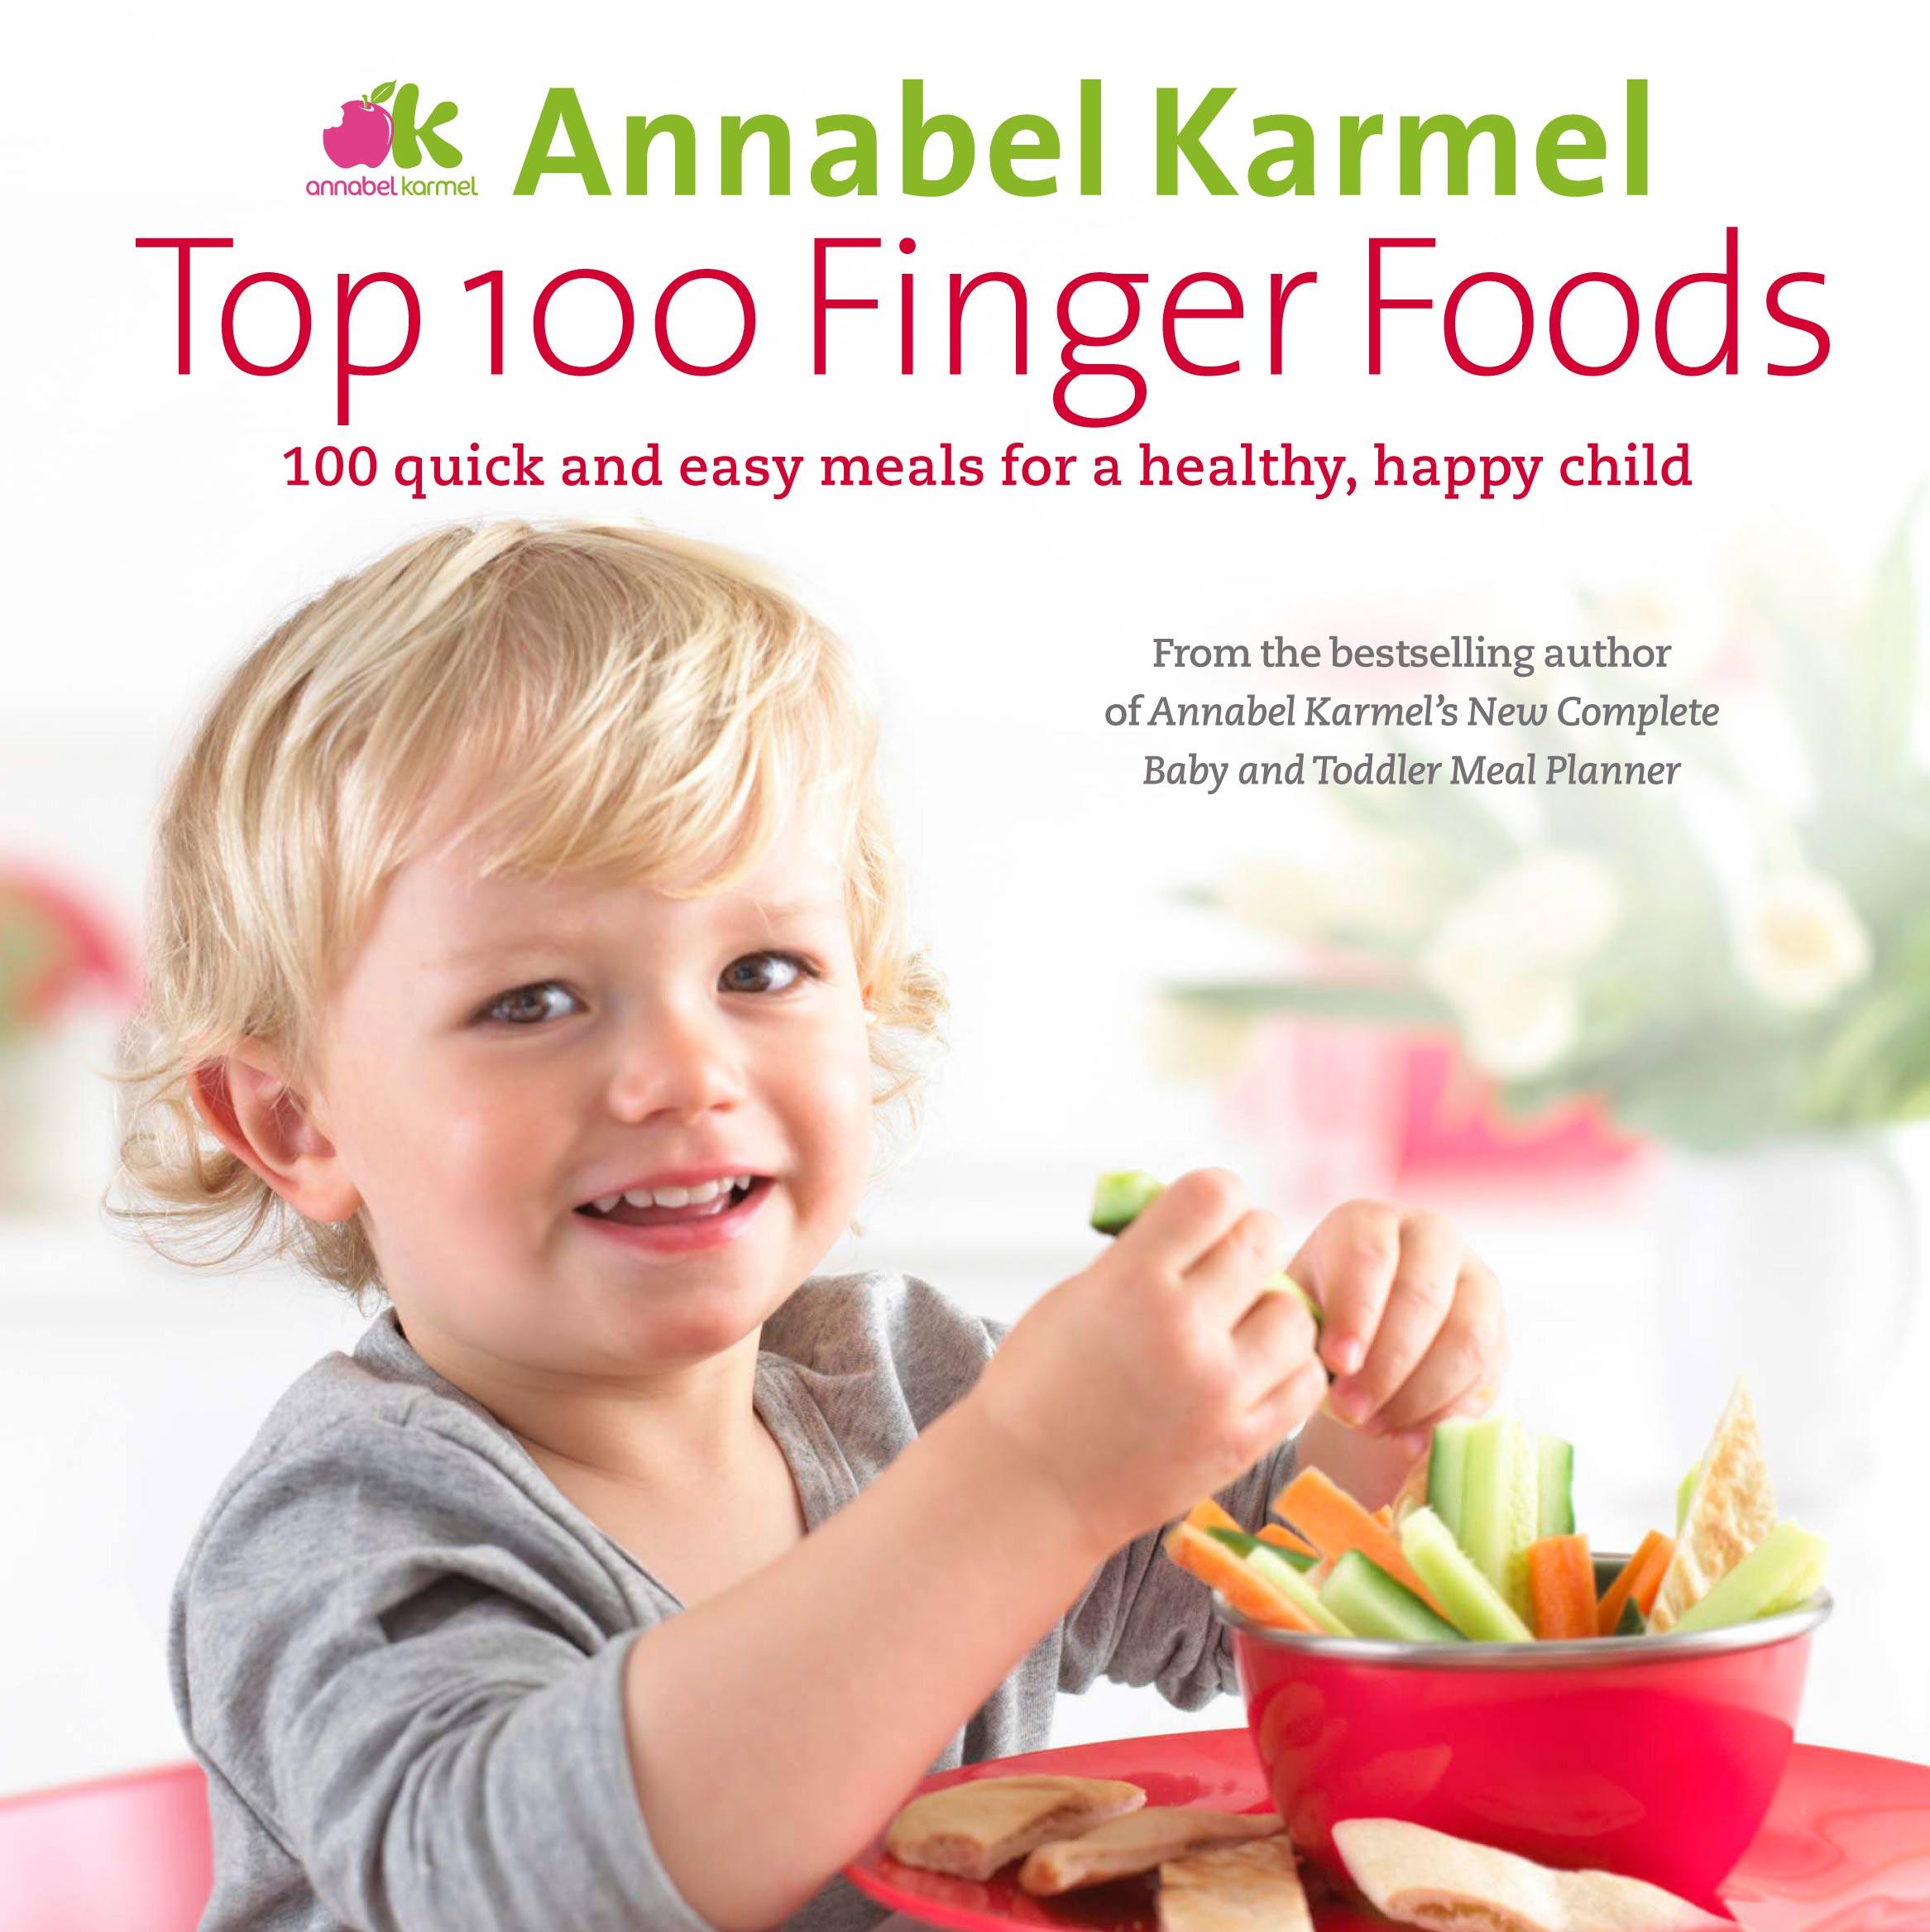 Top 100 finger foods | Annabel Karmel